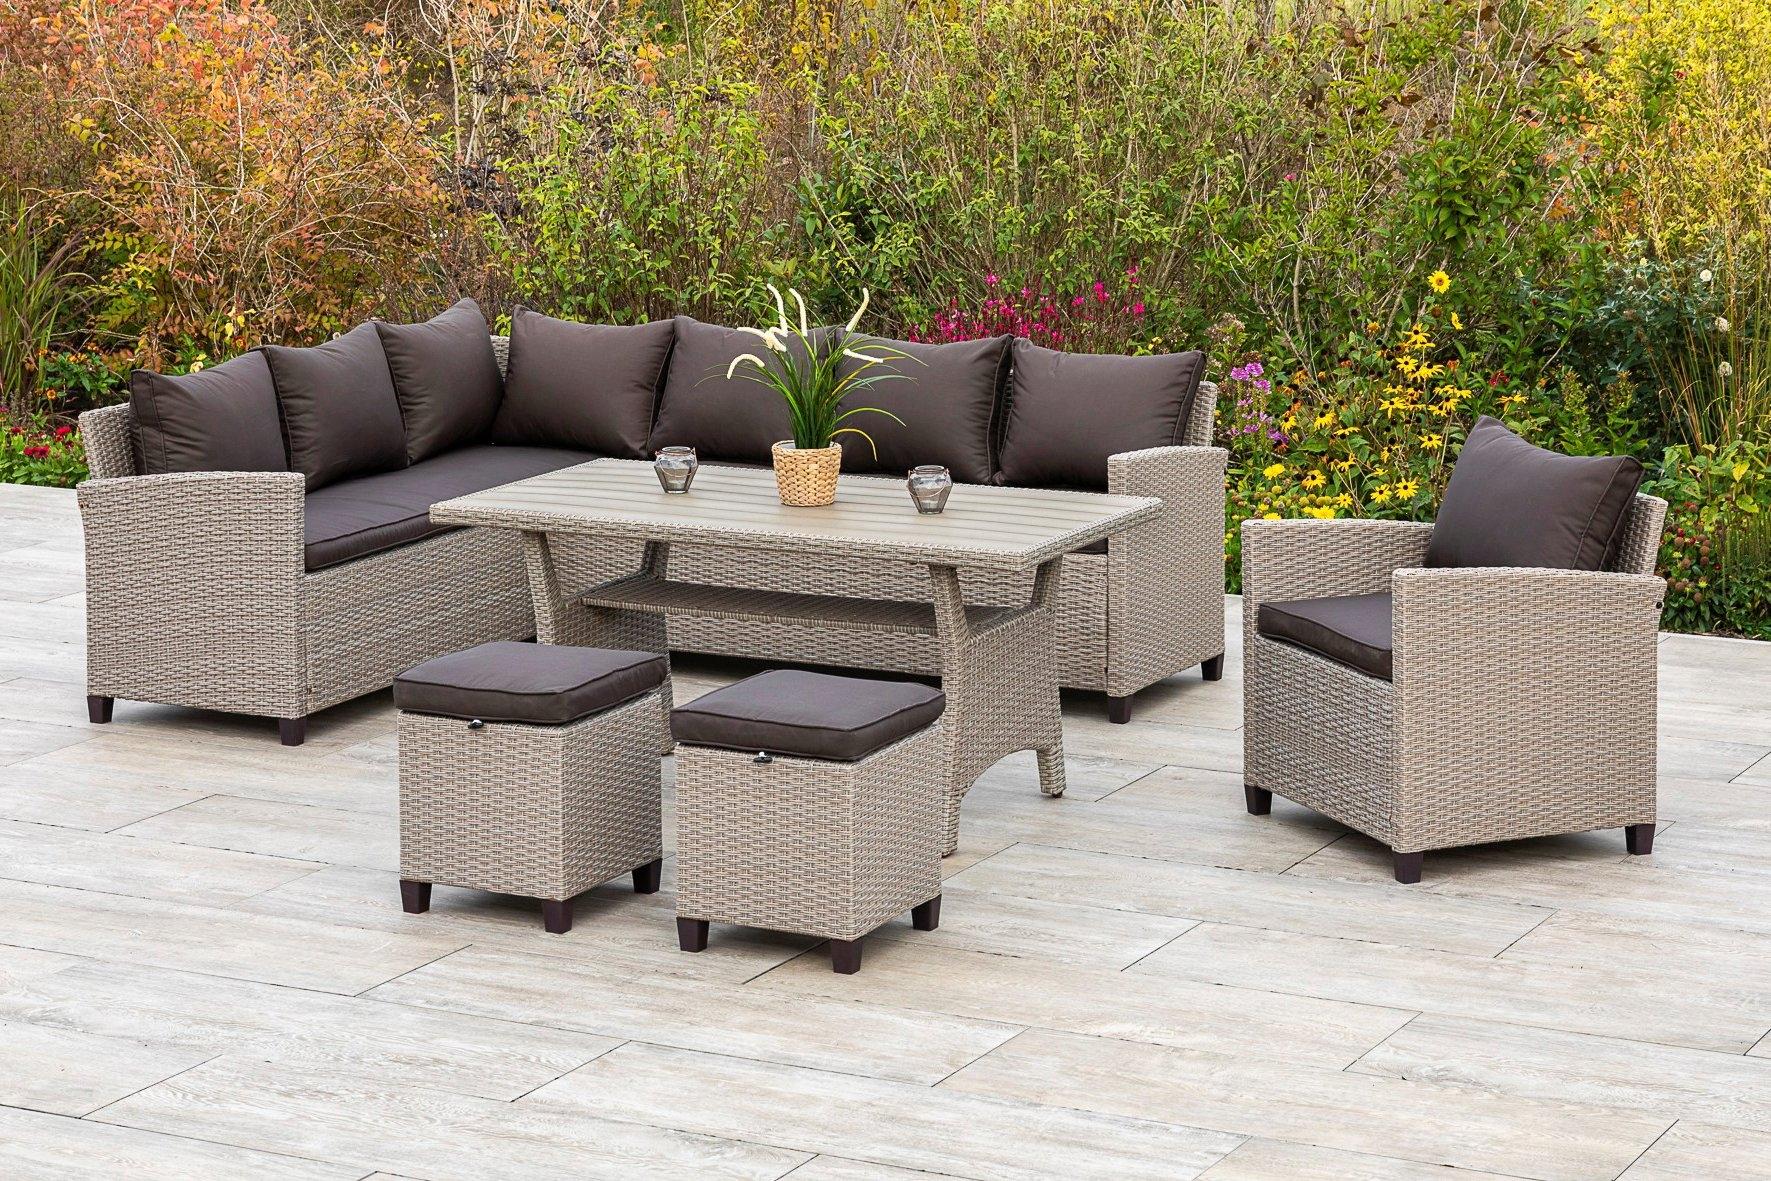 MERXX Tuinmeubelset Palma Hoekbank, fauteuil, 2 hockers, tafel, met kussen (5-delig) - verschillende betaalmethodes